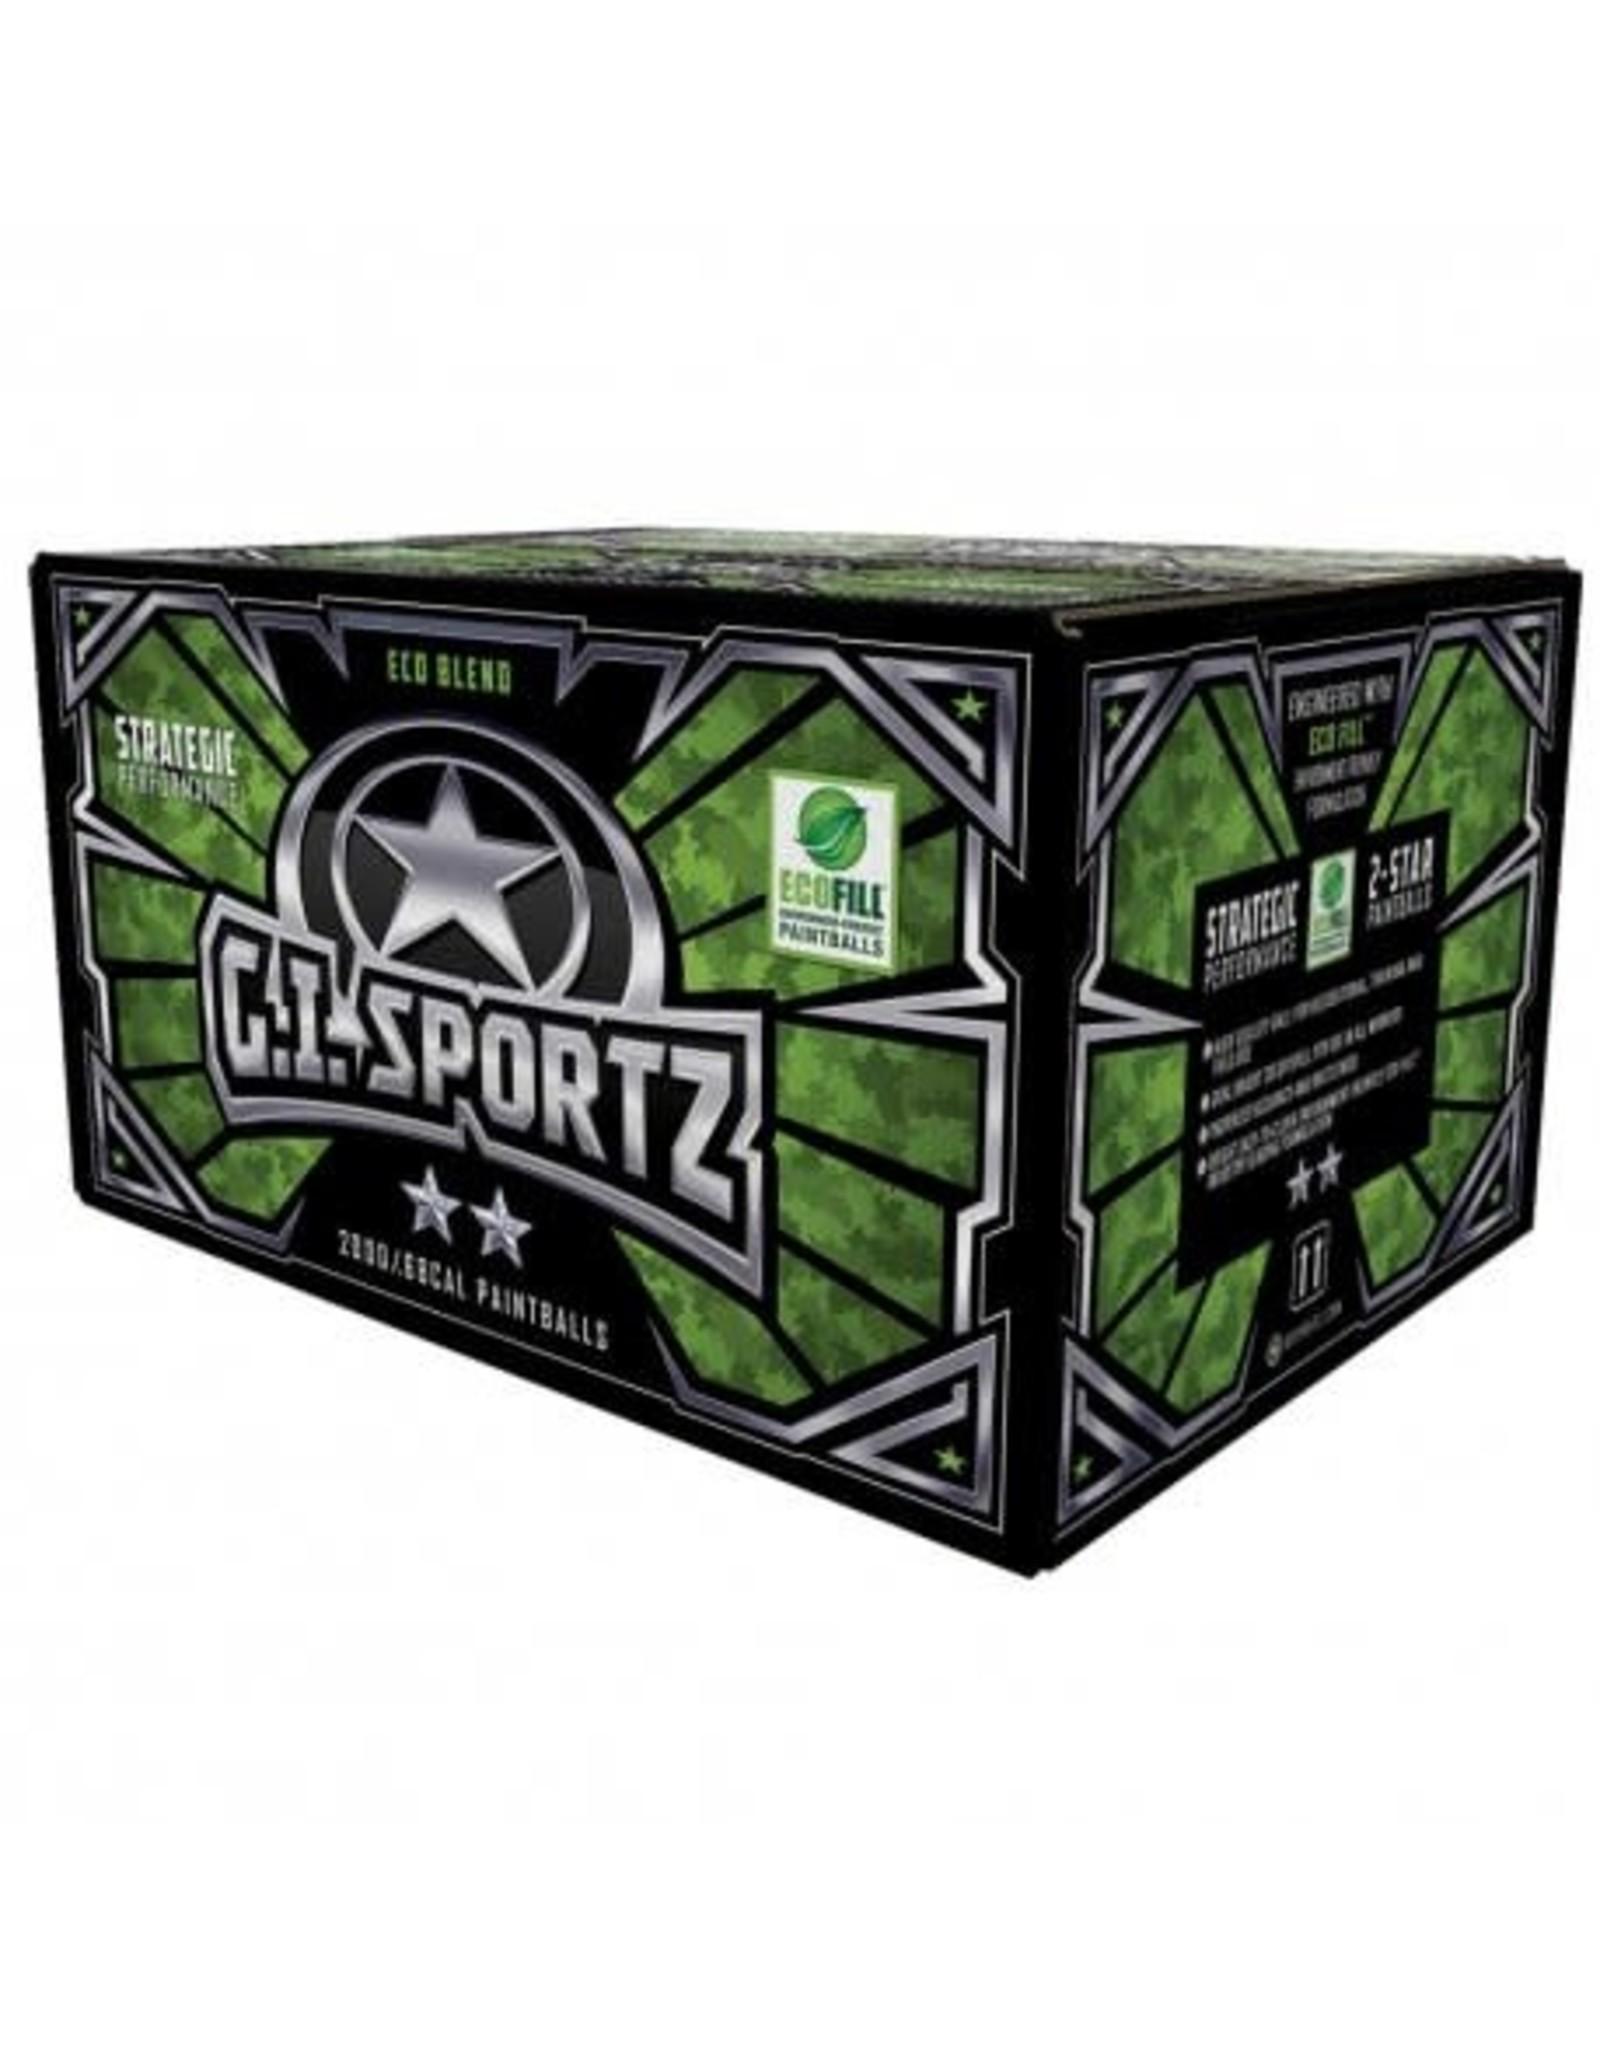 GI Sportz GI Sportz 2-Star Paintballs - 2000ct